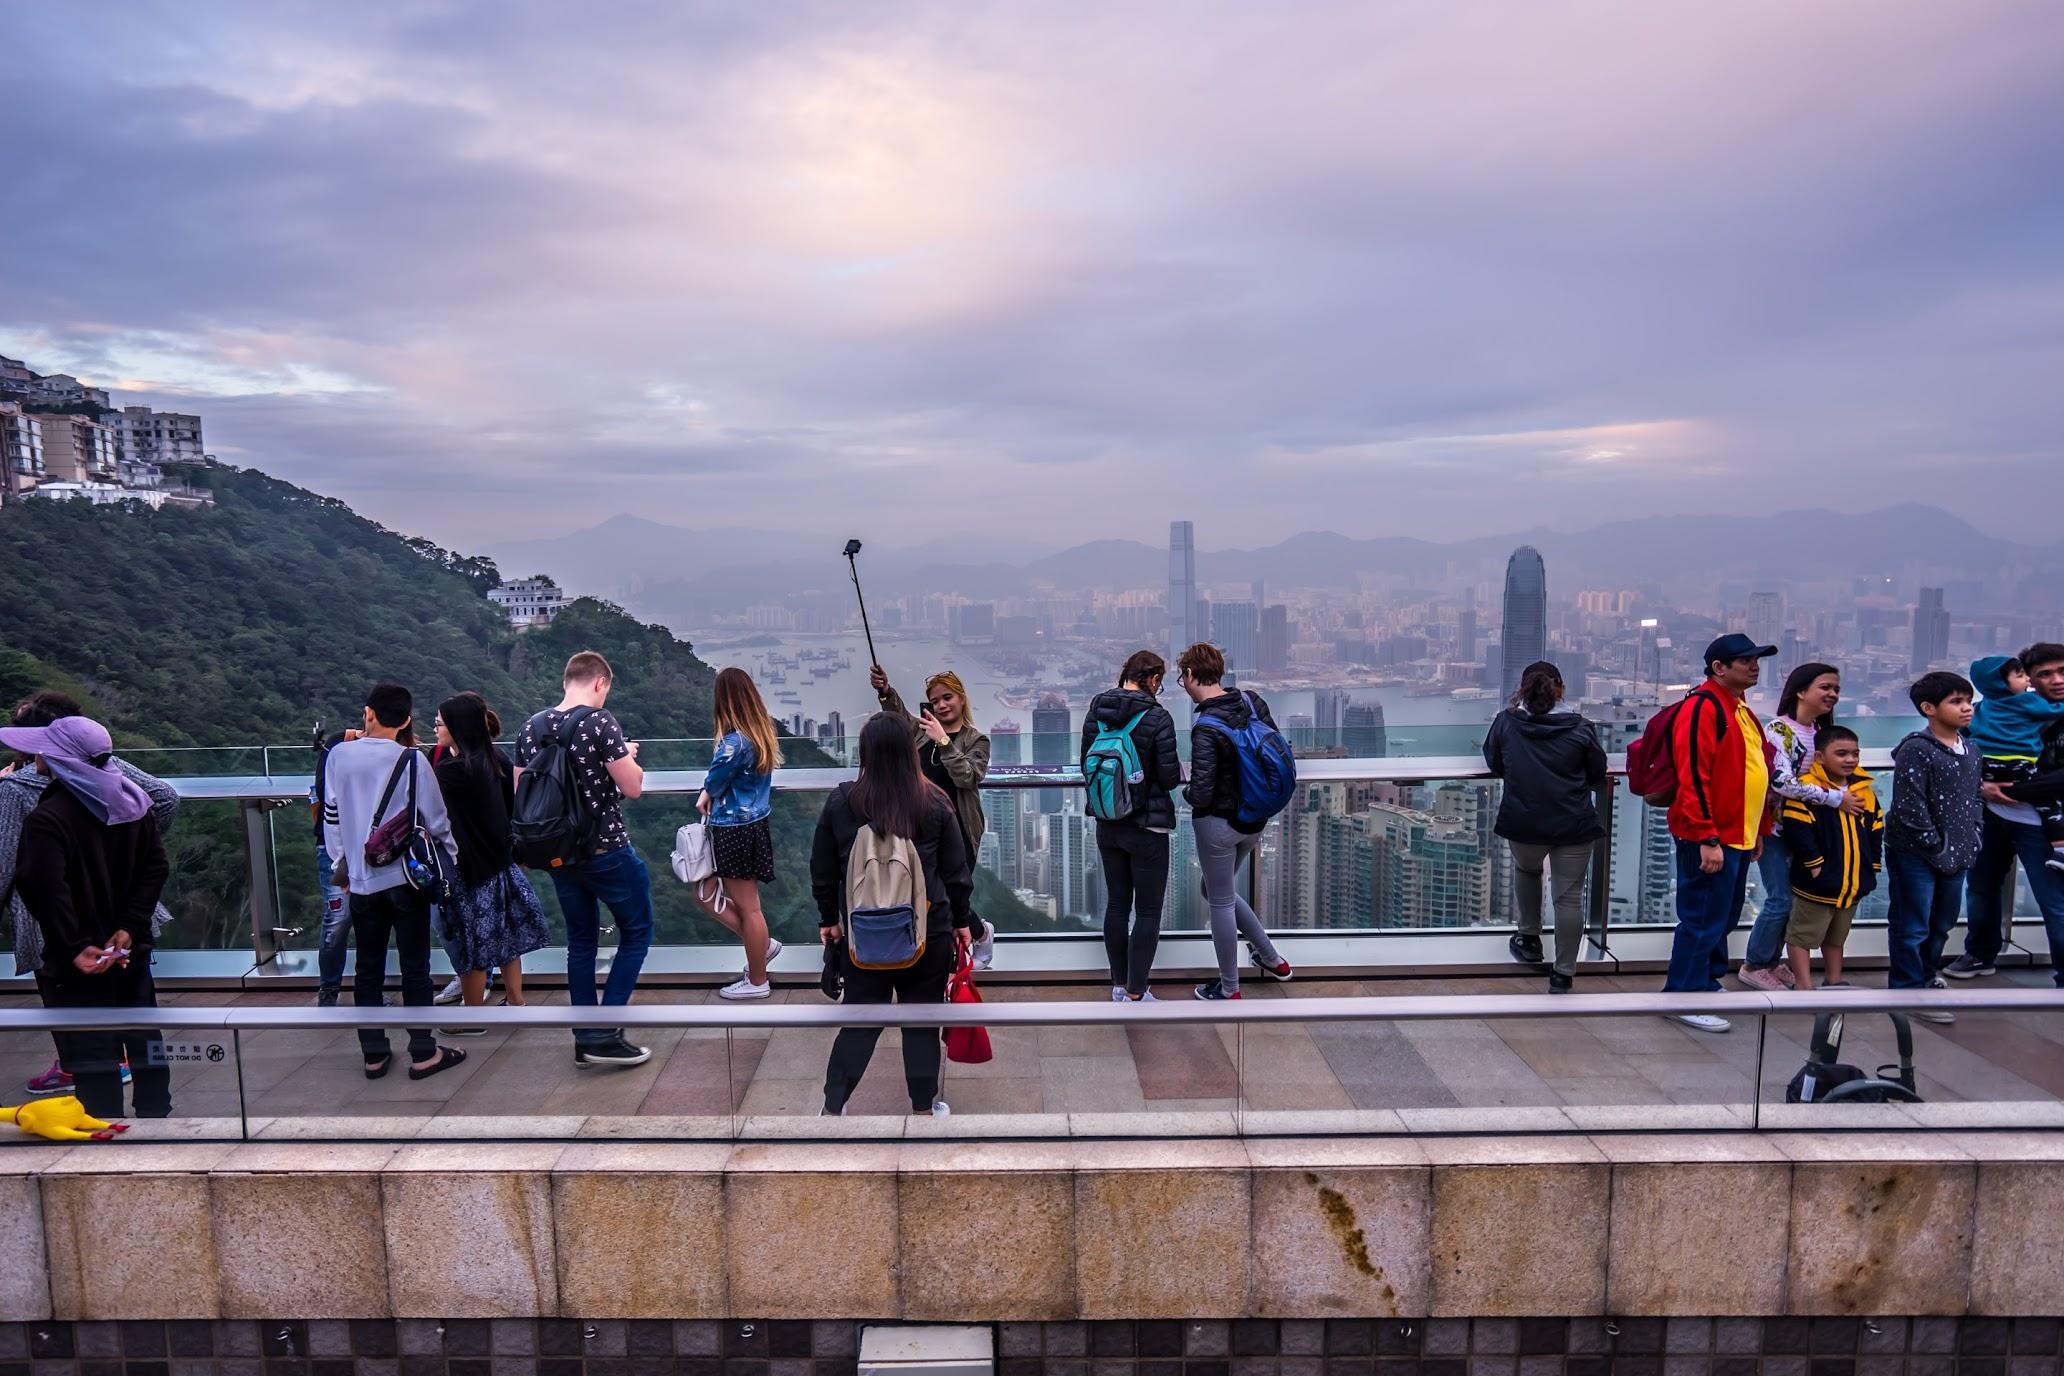 Hong Kong Peak Tower Sly terrace1